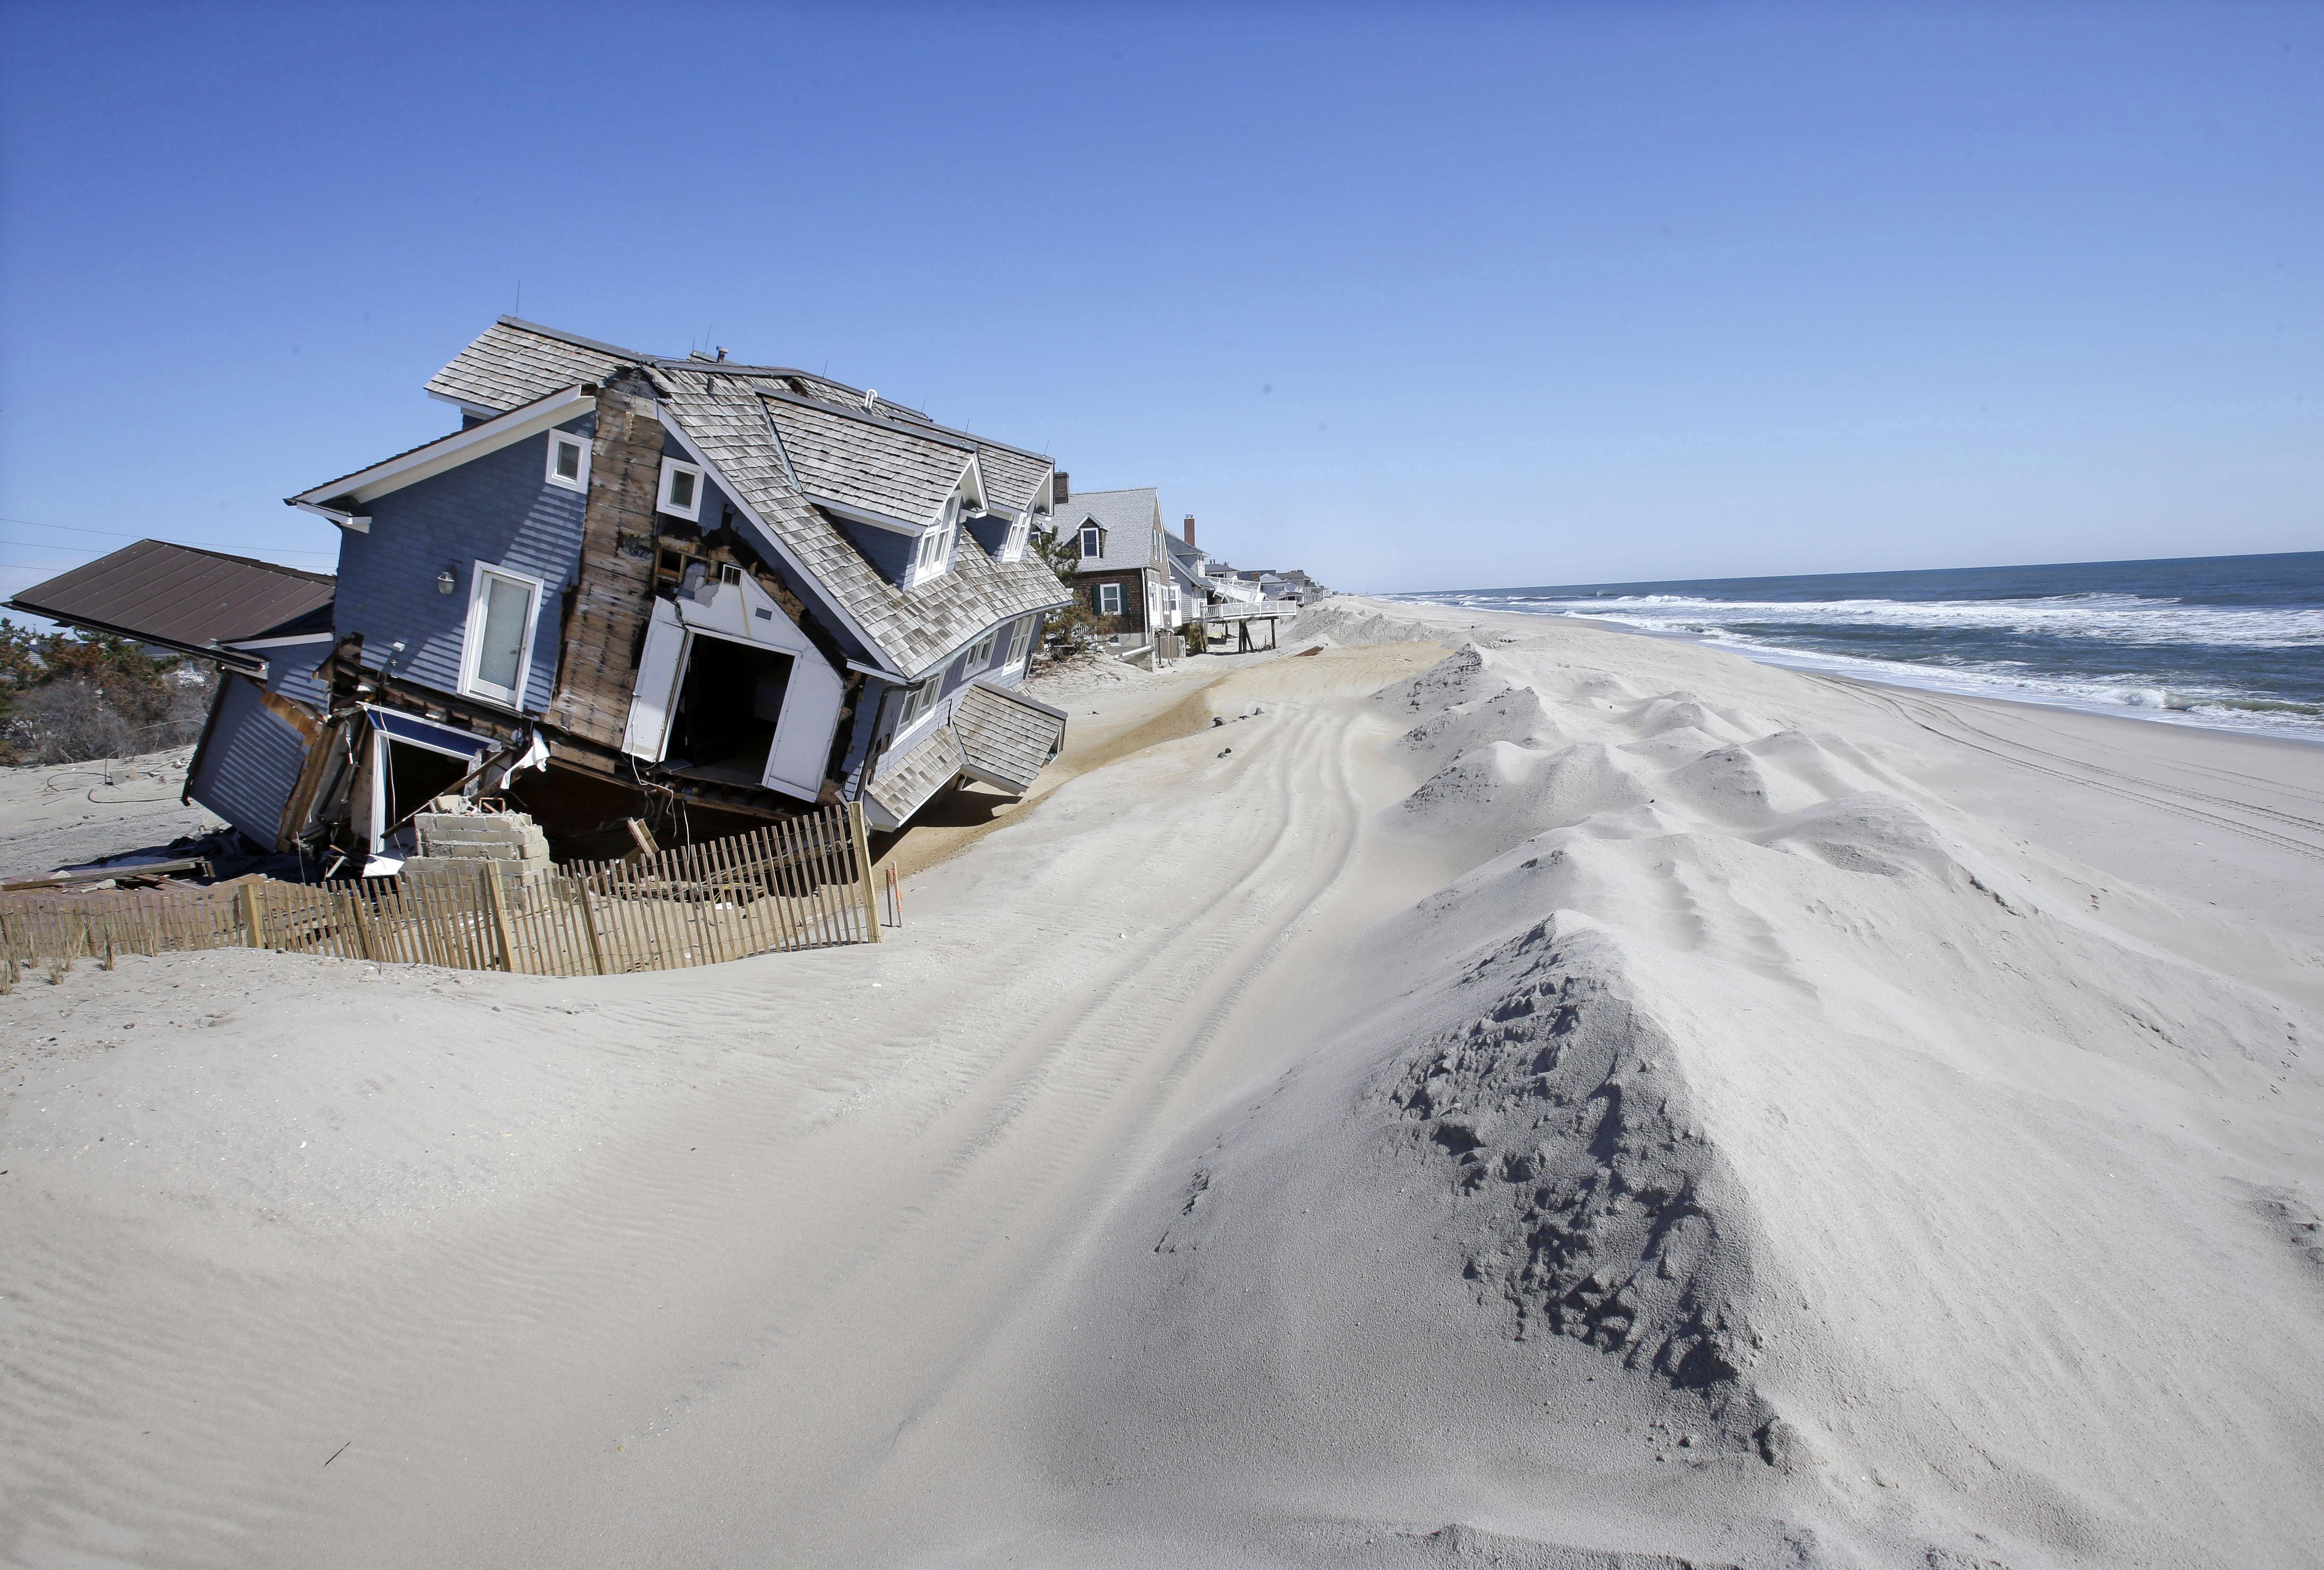 L oc an gagne du terrain que faire - Plan de maison bord de mer ...